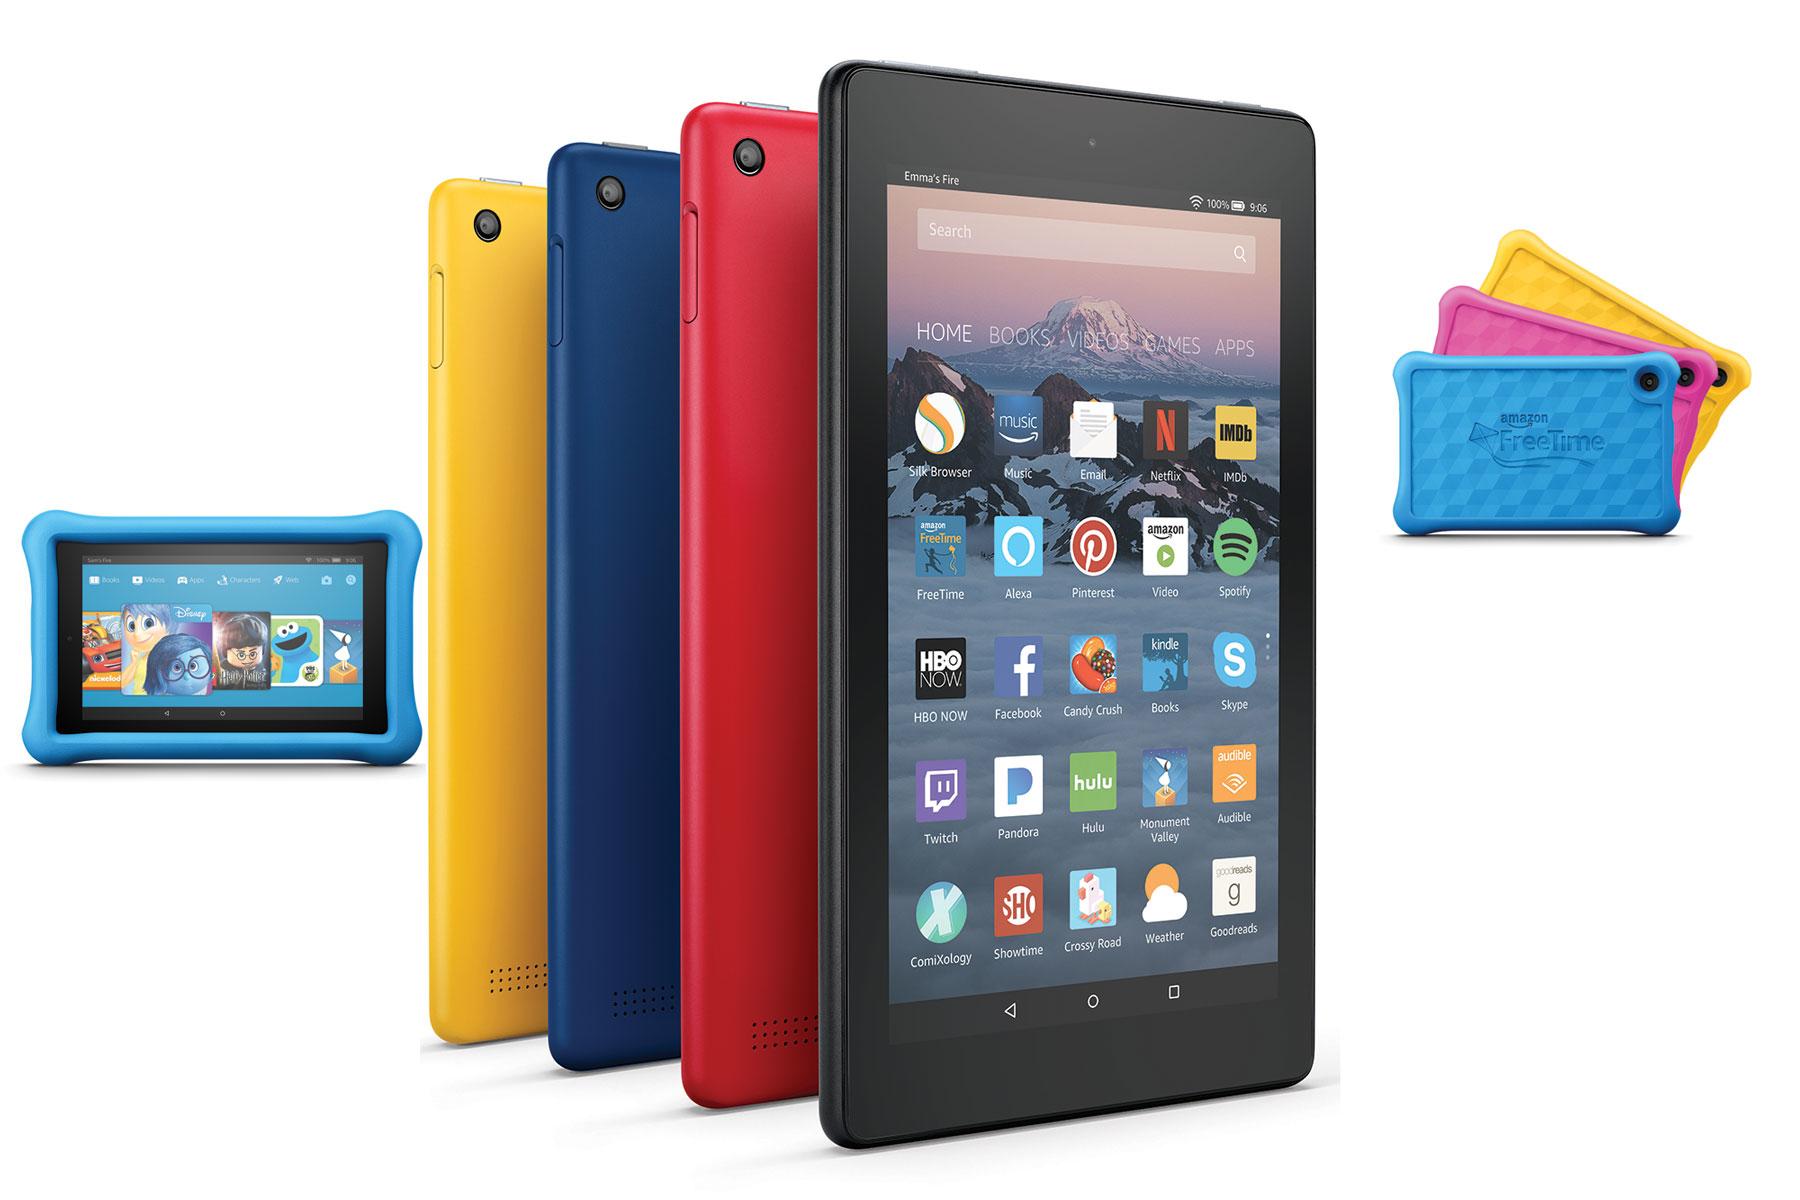 Yeni Amazon Fire Tabletler, Şimdi Hem Daha ince Hem Daha Ucuz!